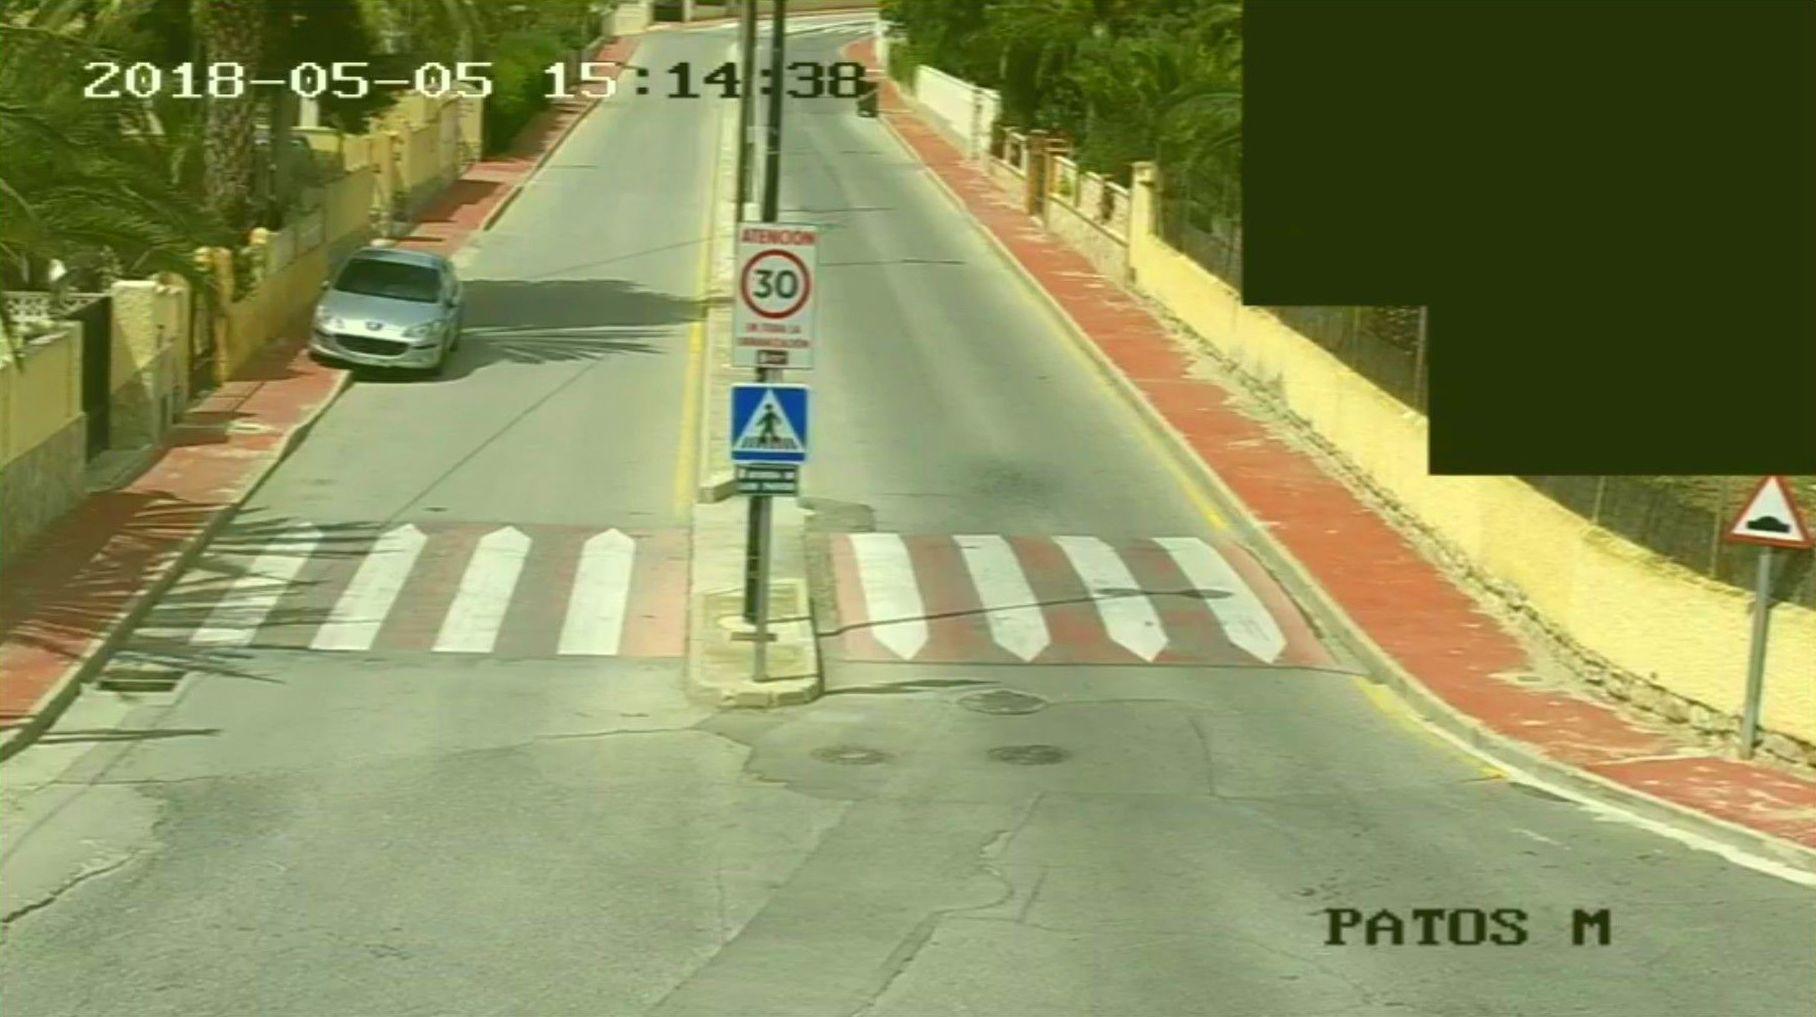 Foto 2 de Sistemas de seguridad en Alicante | Securiman